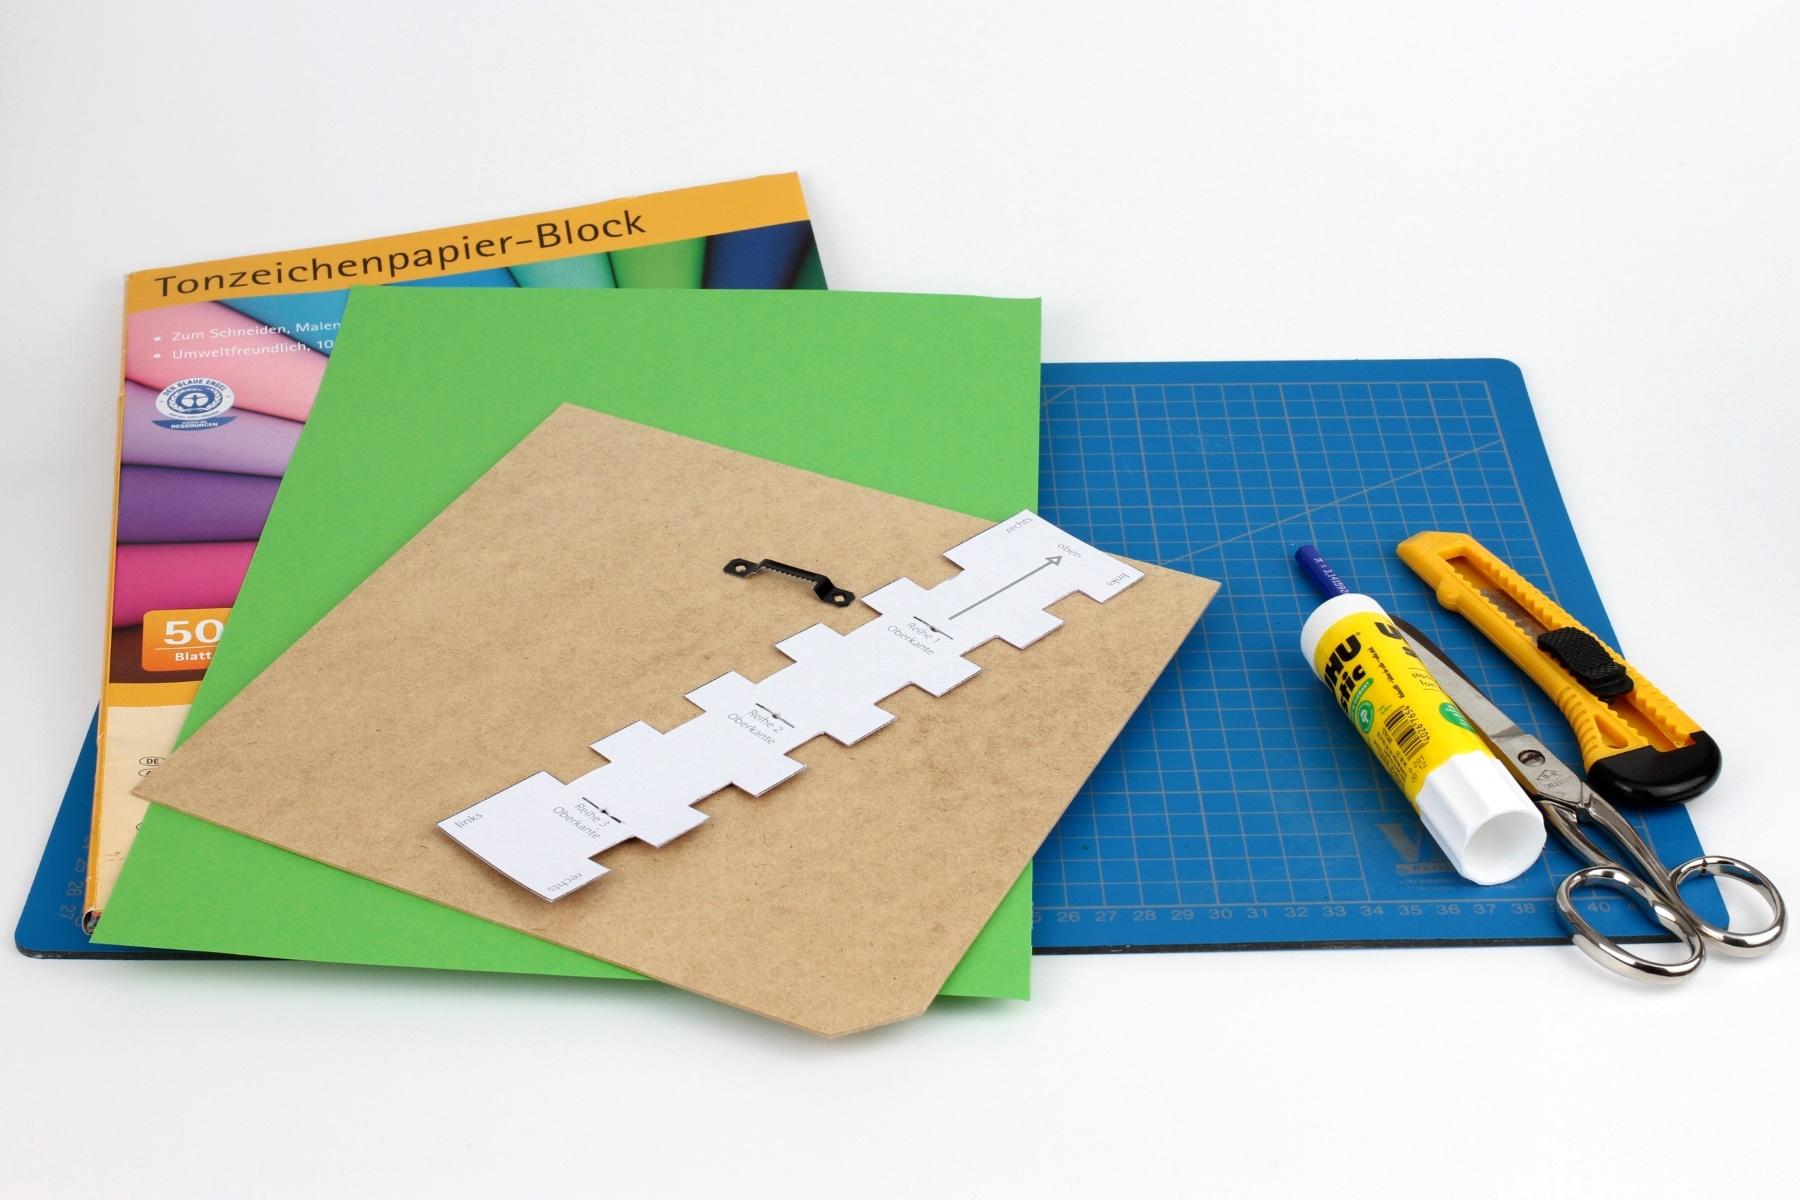 Tonpapier mit 135 g /qm und ein relativ trockener Kleber eignen sich gut, da so das Papier beim Aufkleben nicht wellig wird.